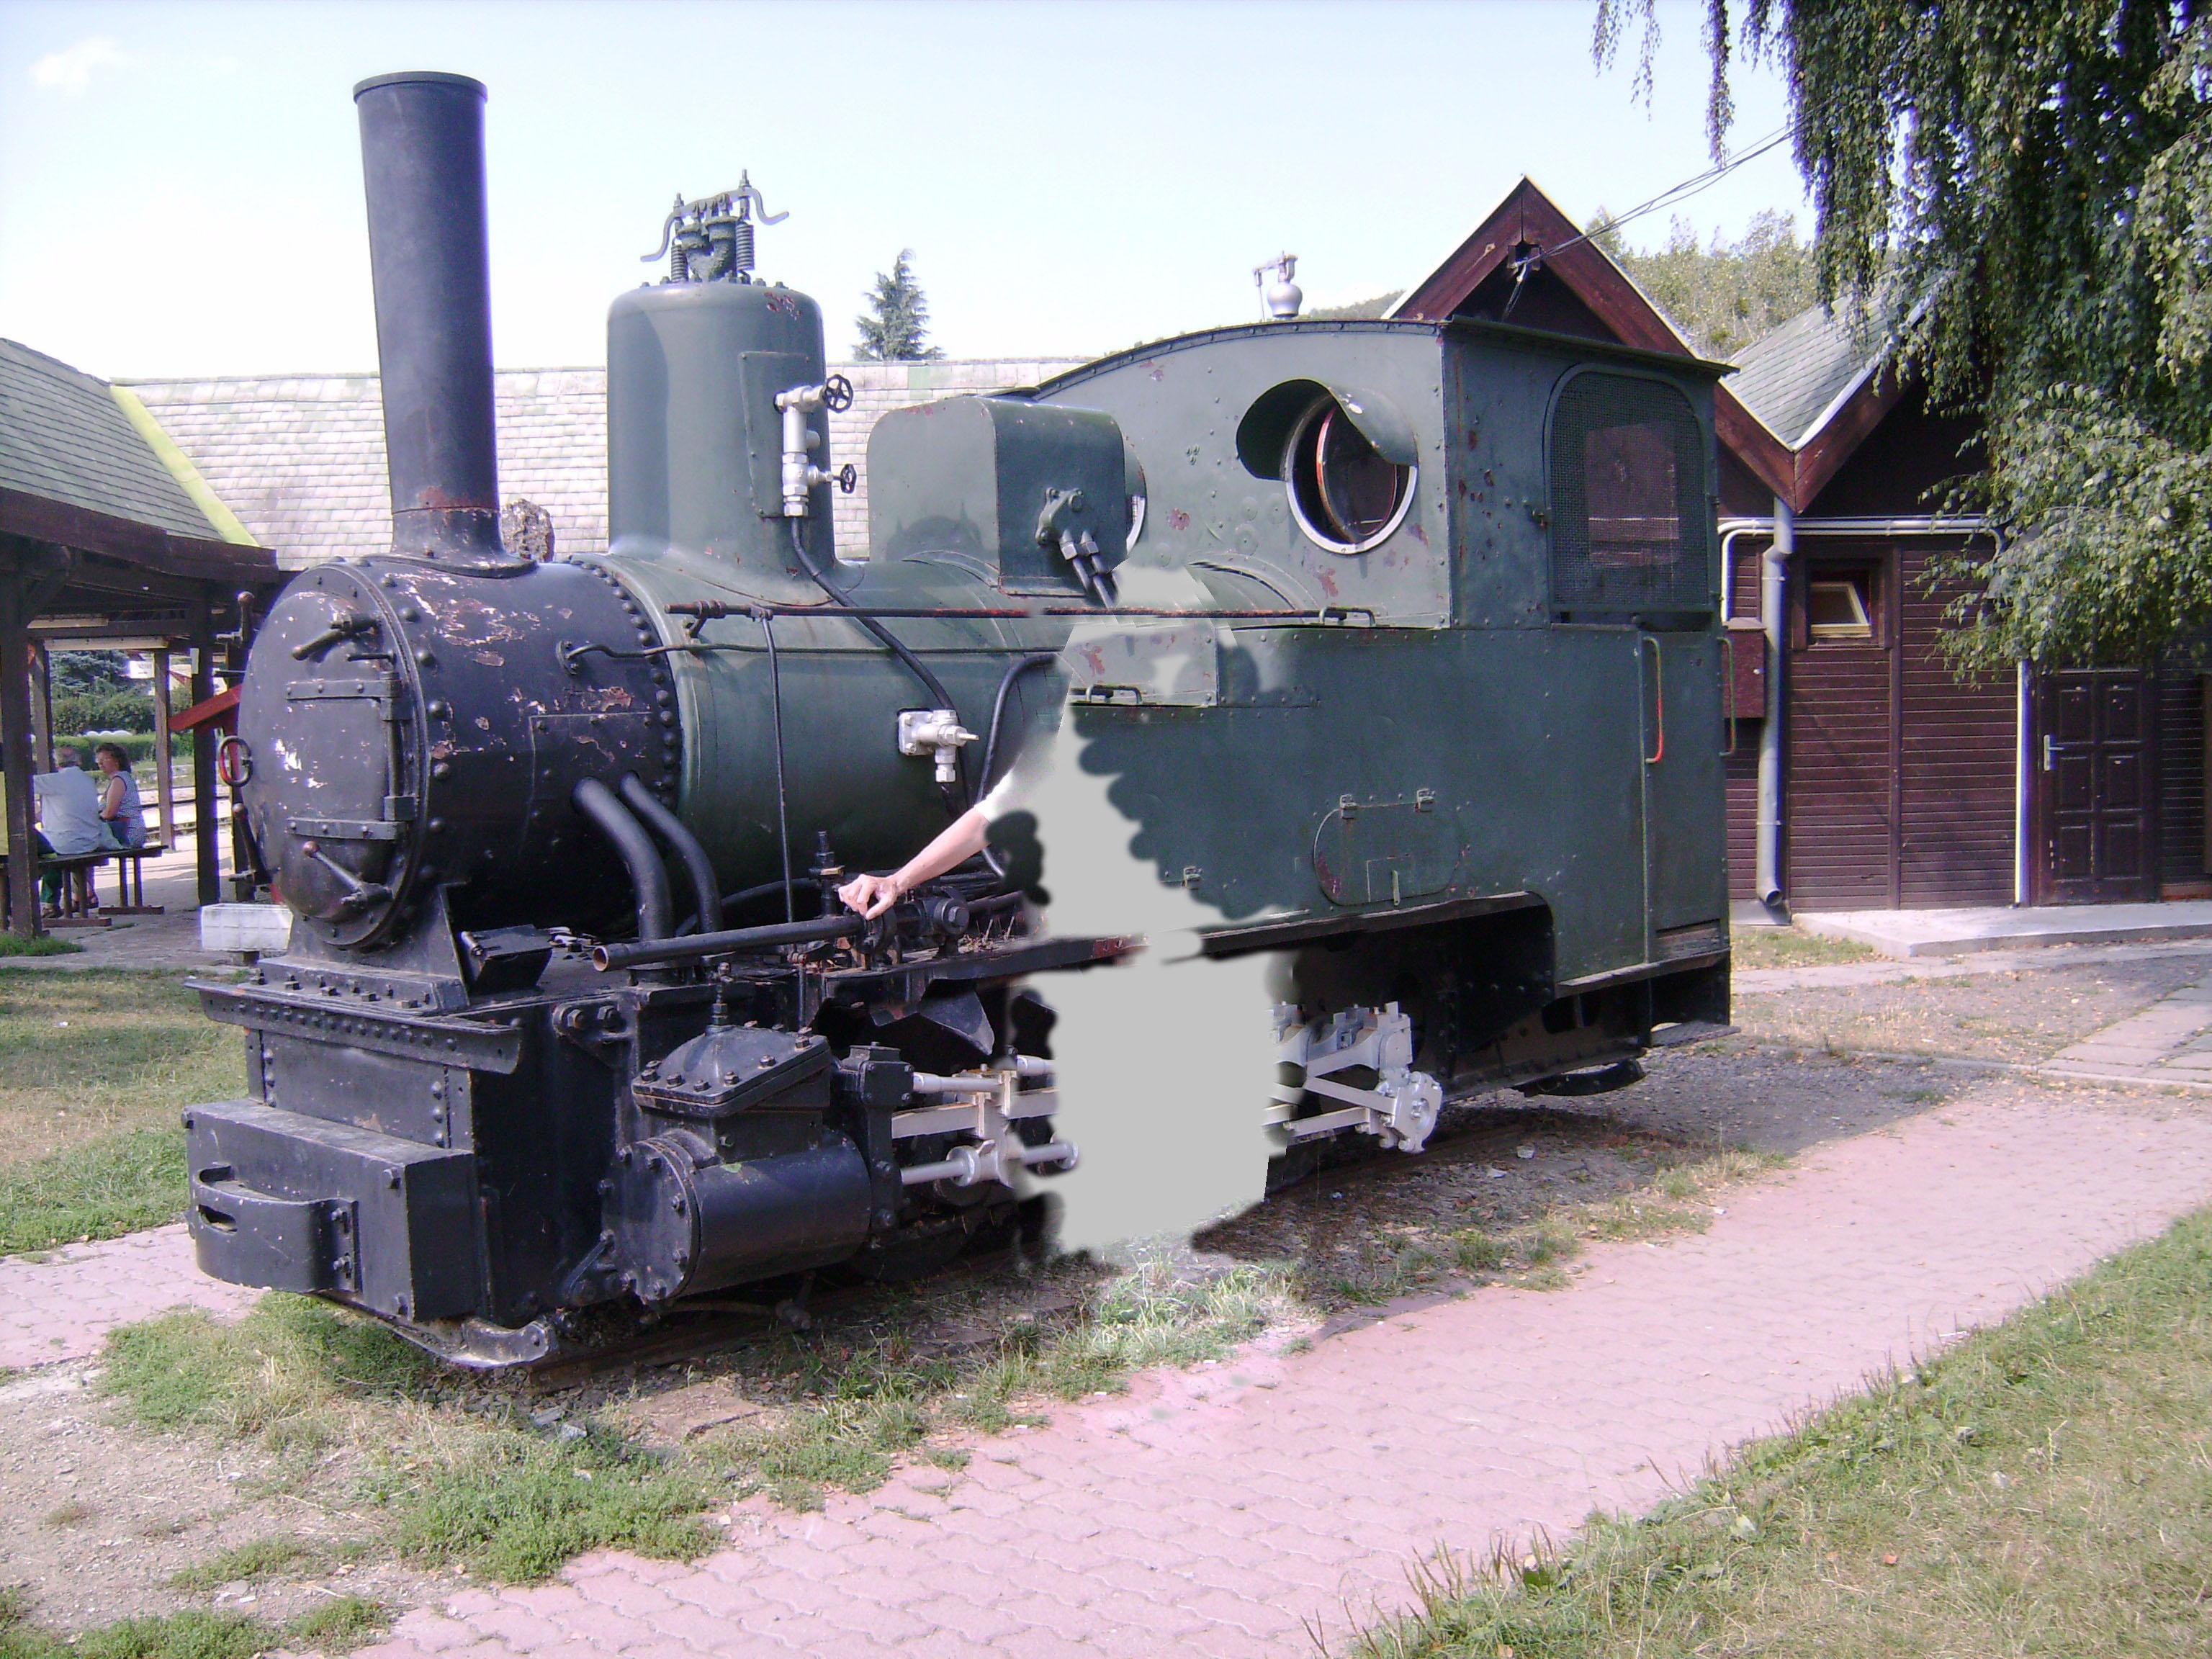 Ezt az oldtimer vonatot egyszerűen MUSZÁJ volt lefényképezni.